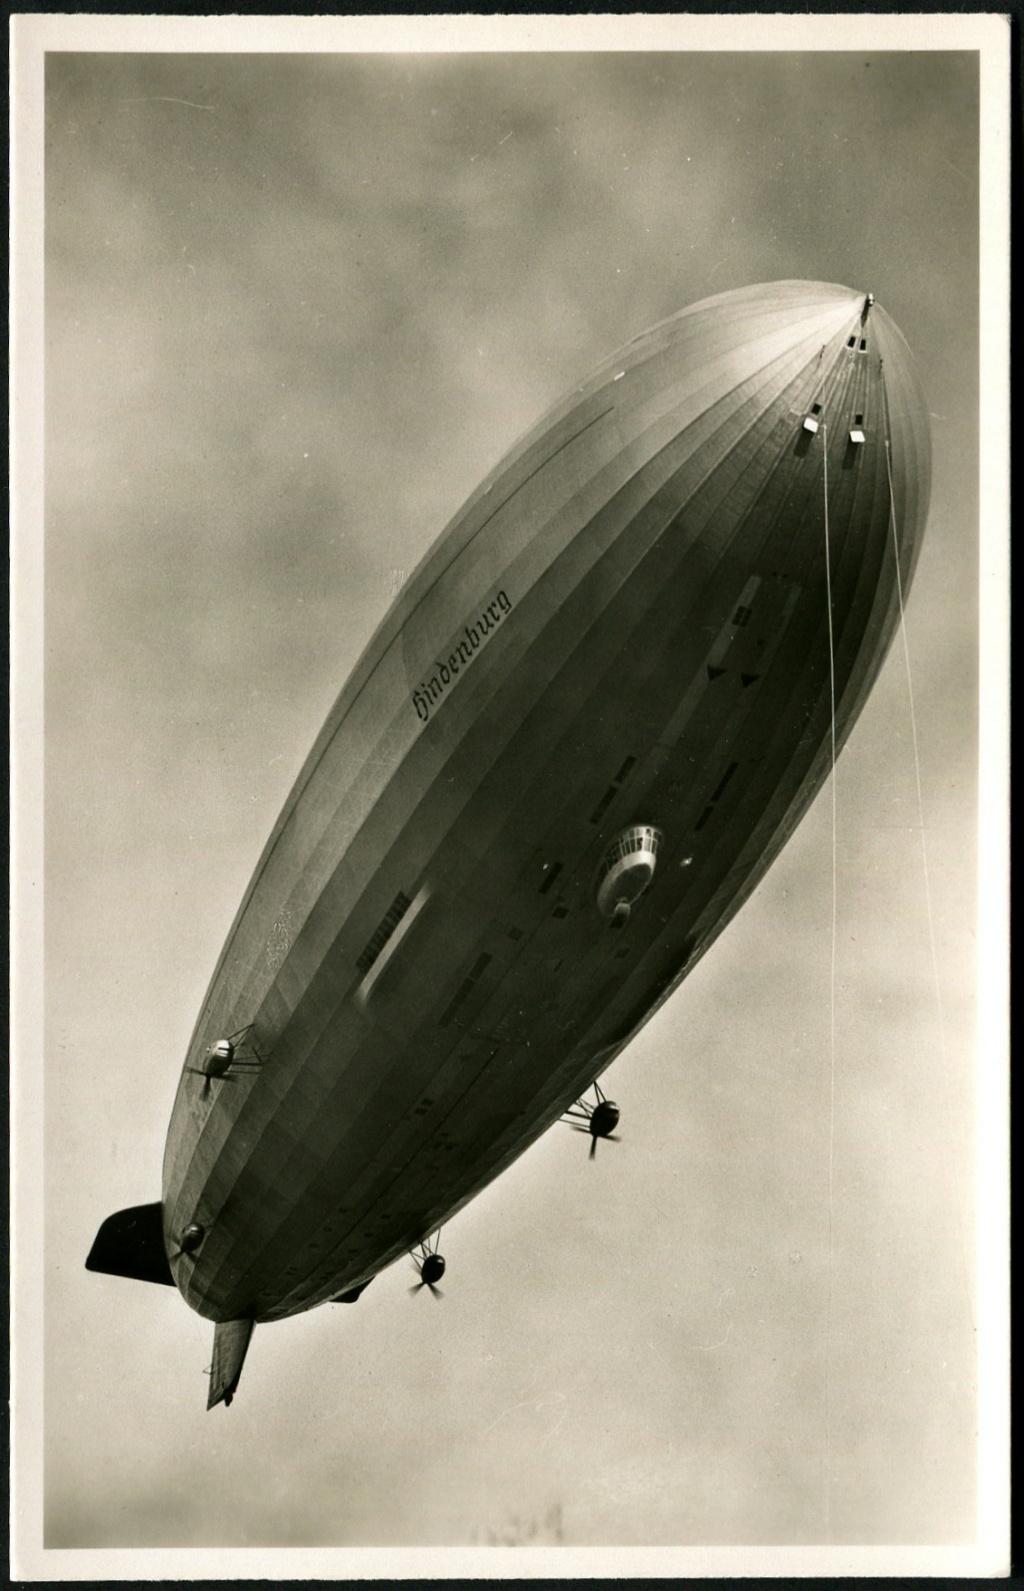 Ansichtskarten der Luftschiffe - Seite 3 Ansich15